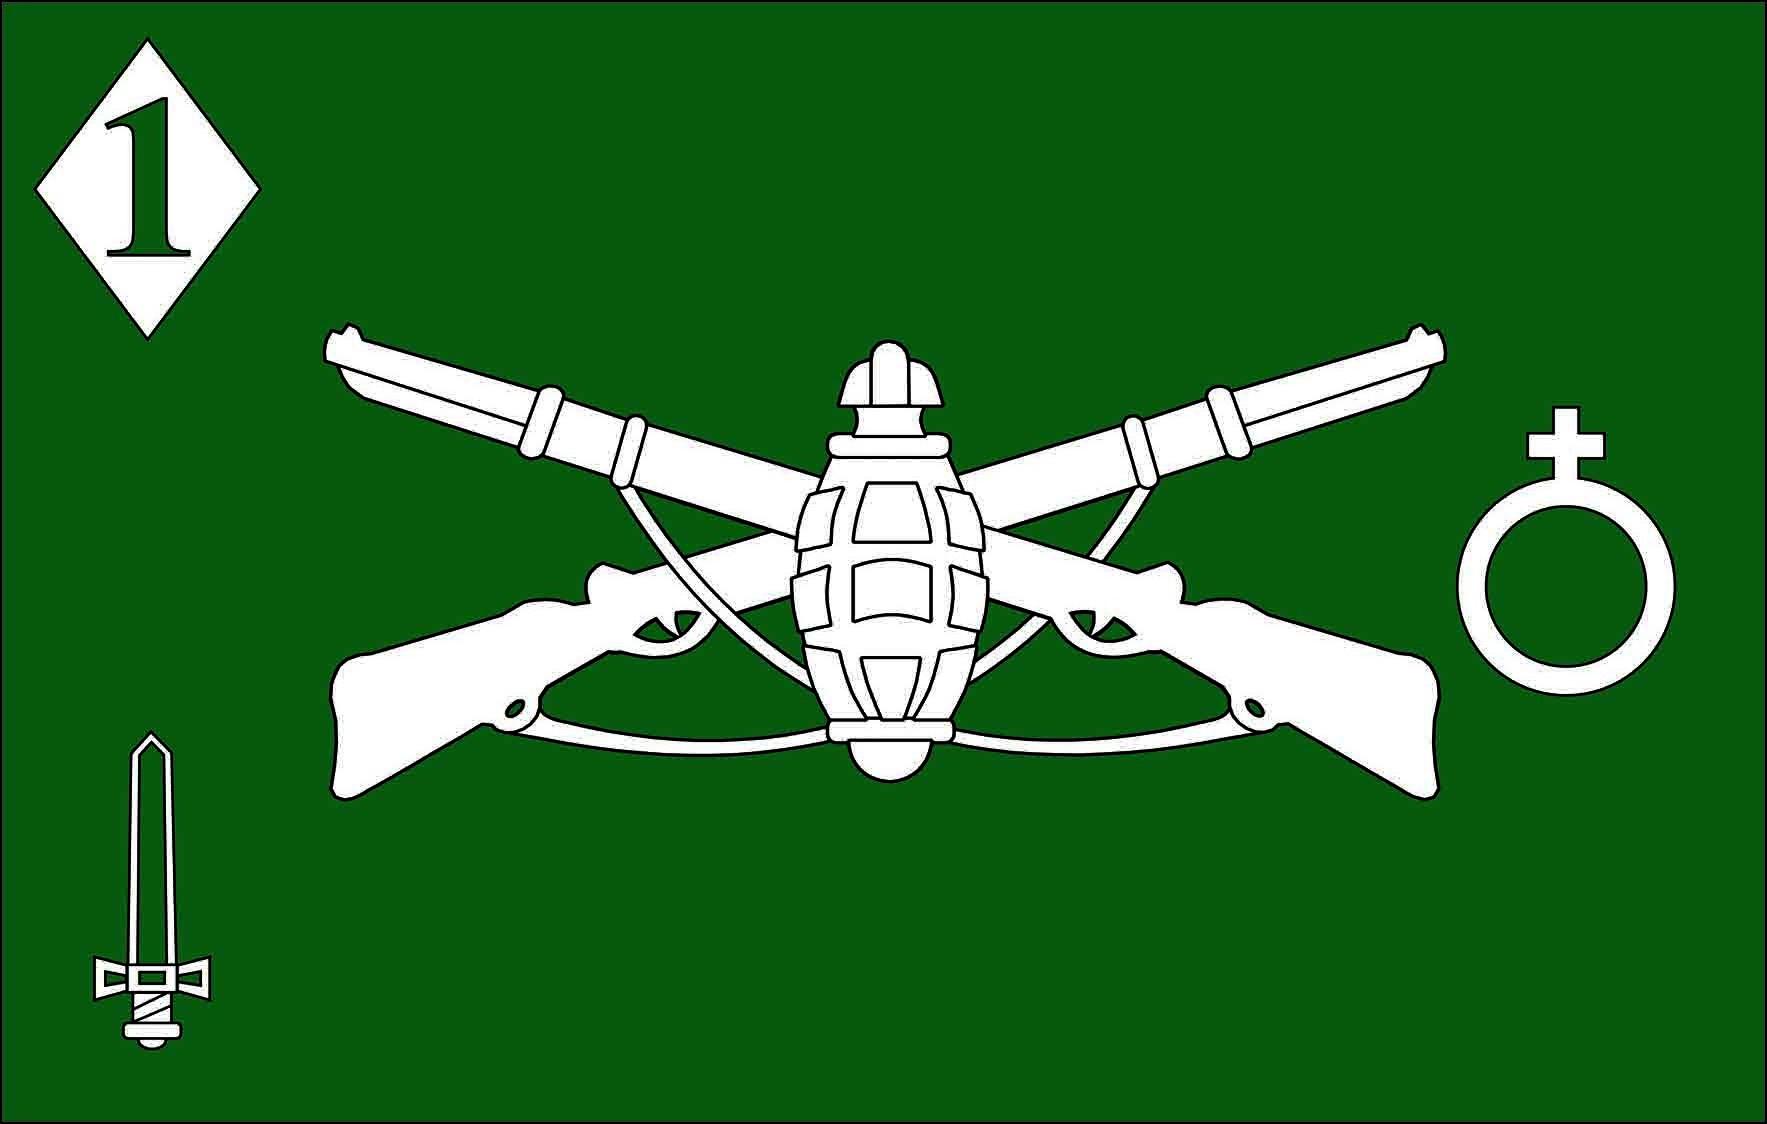 File:Insignia de Comando Cia C 1 DE.jpg - Wikimedia Commons